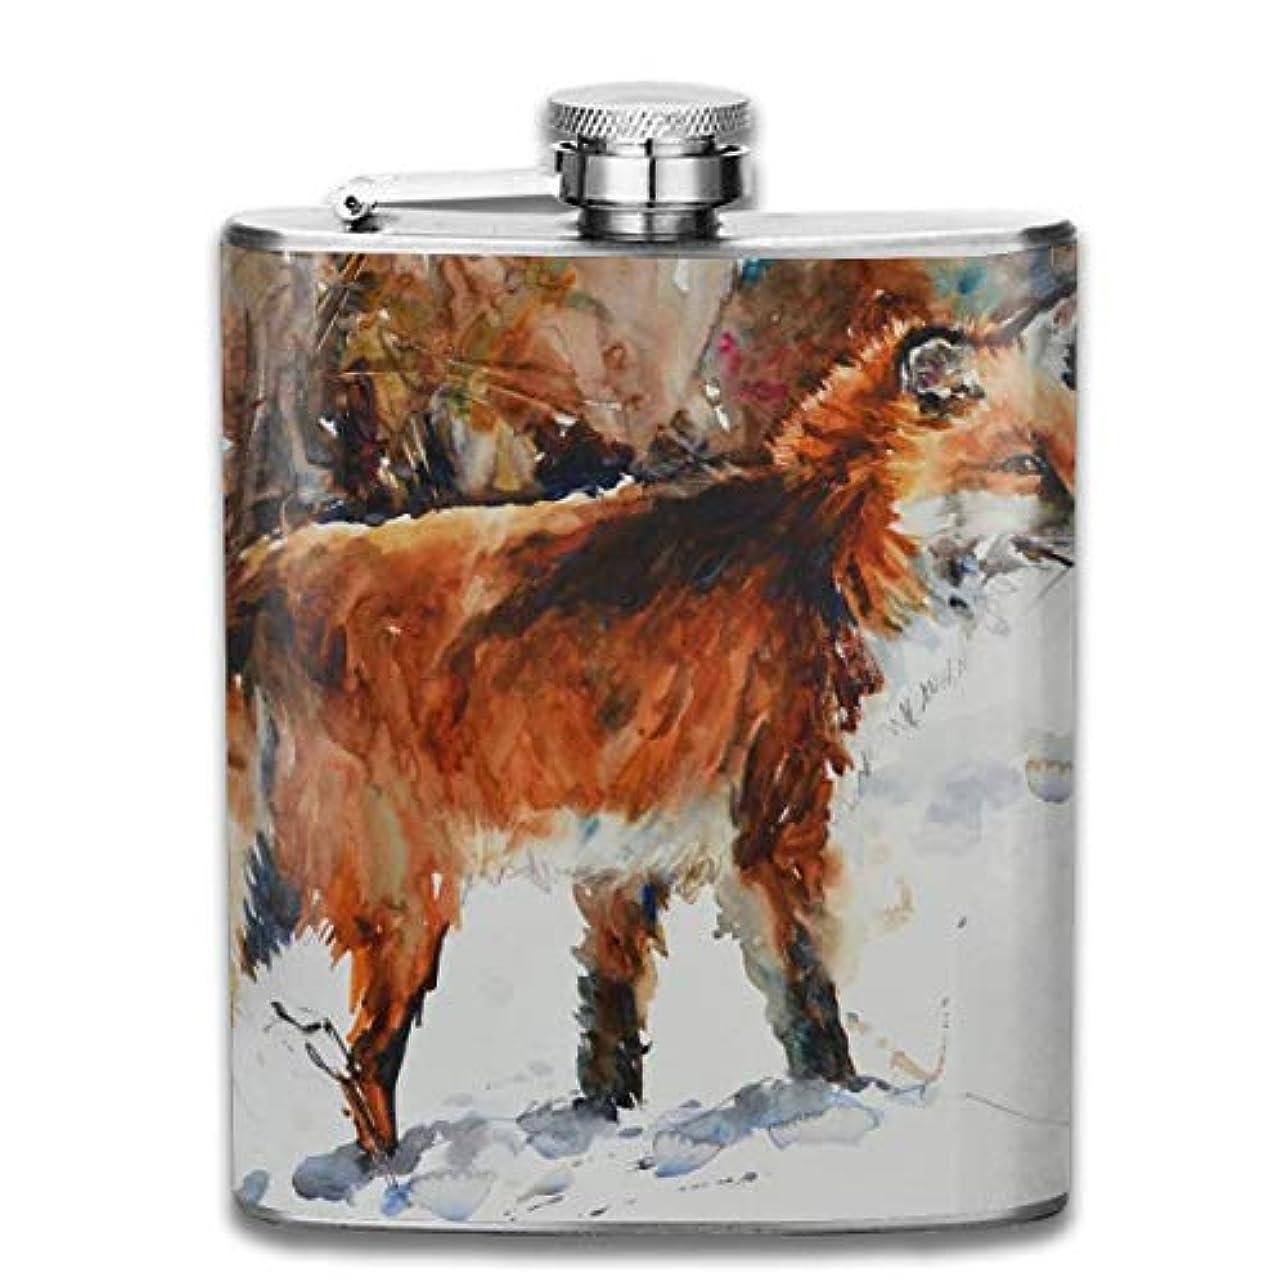 敷居教育する包括的ブルームン 酒器 酒瓶 お酒 フラスコ 動物の絵 赤い狐 ボトル 携帯用 フラゴン ワインポット 7oz 200ml ステンレス製 メンズ U型